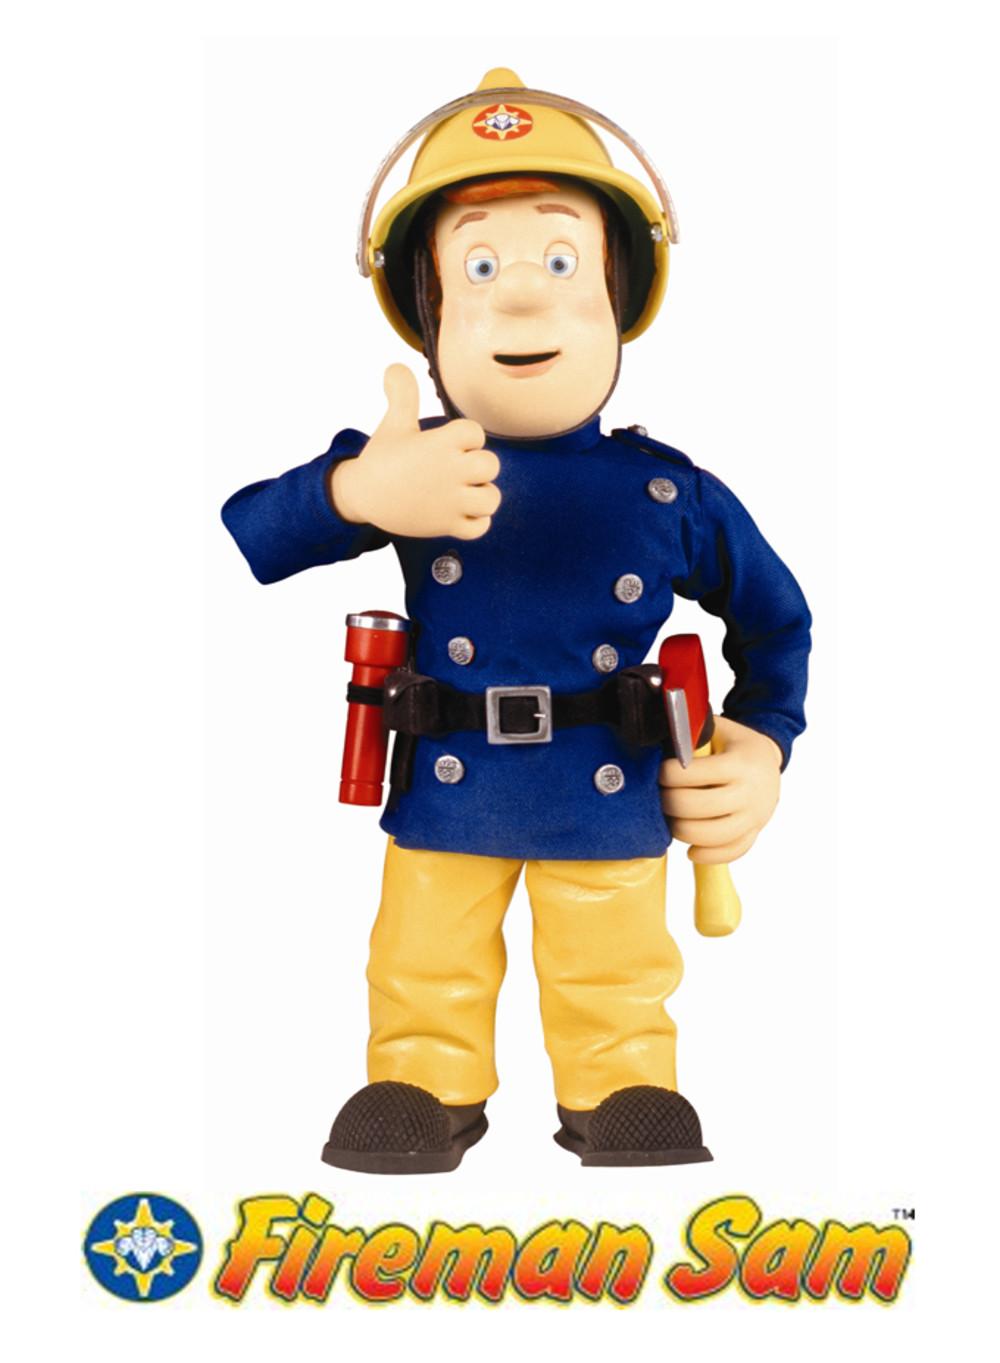 Coloriage sam le pompier imprimer et colorier - Coloriage sam le pompier imprimer ...